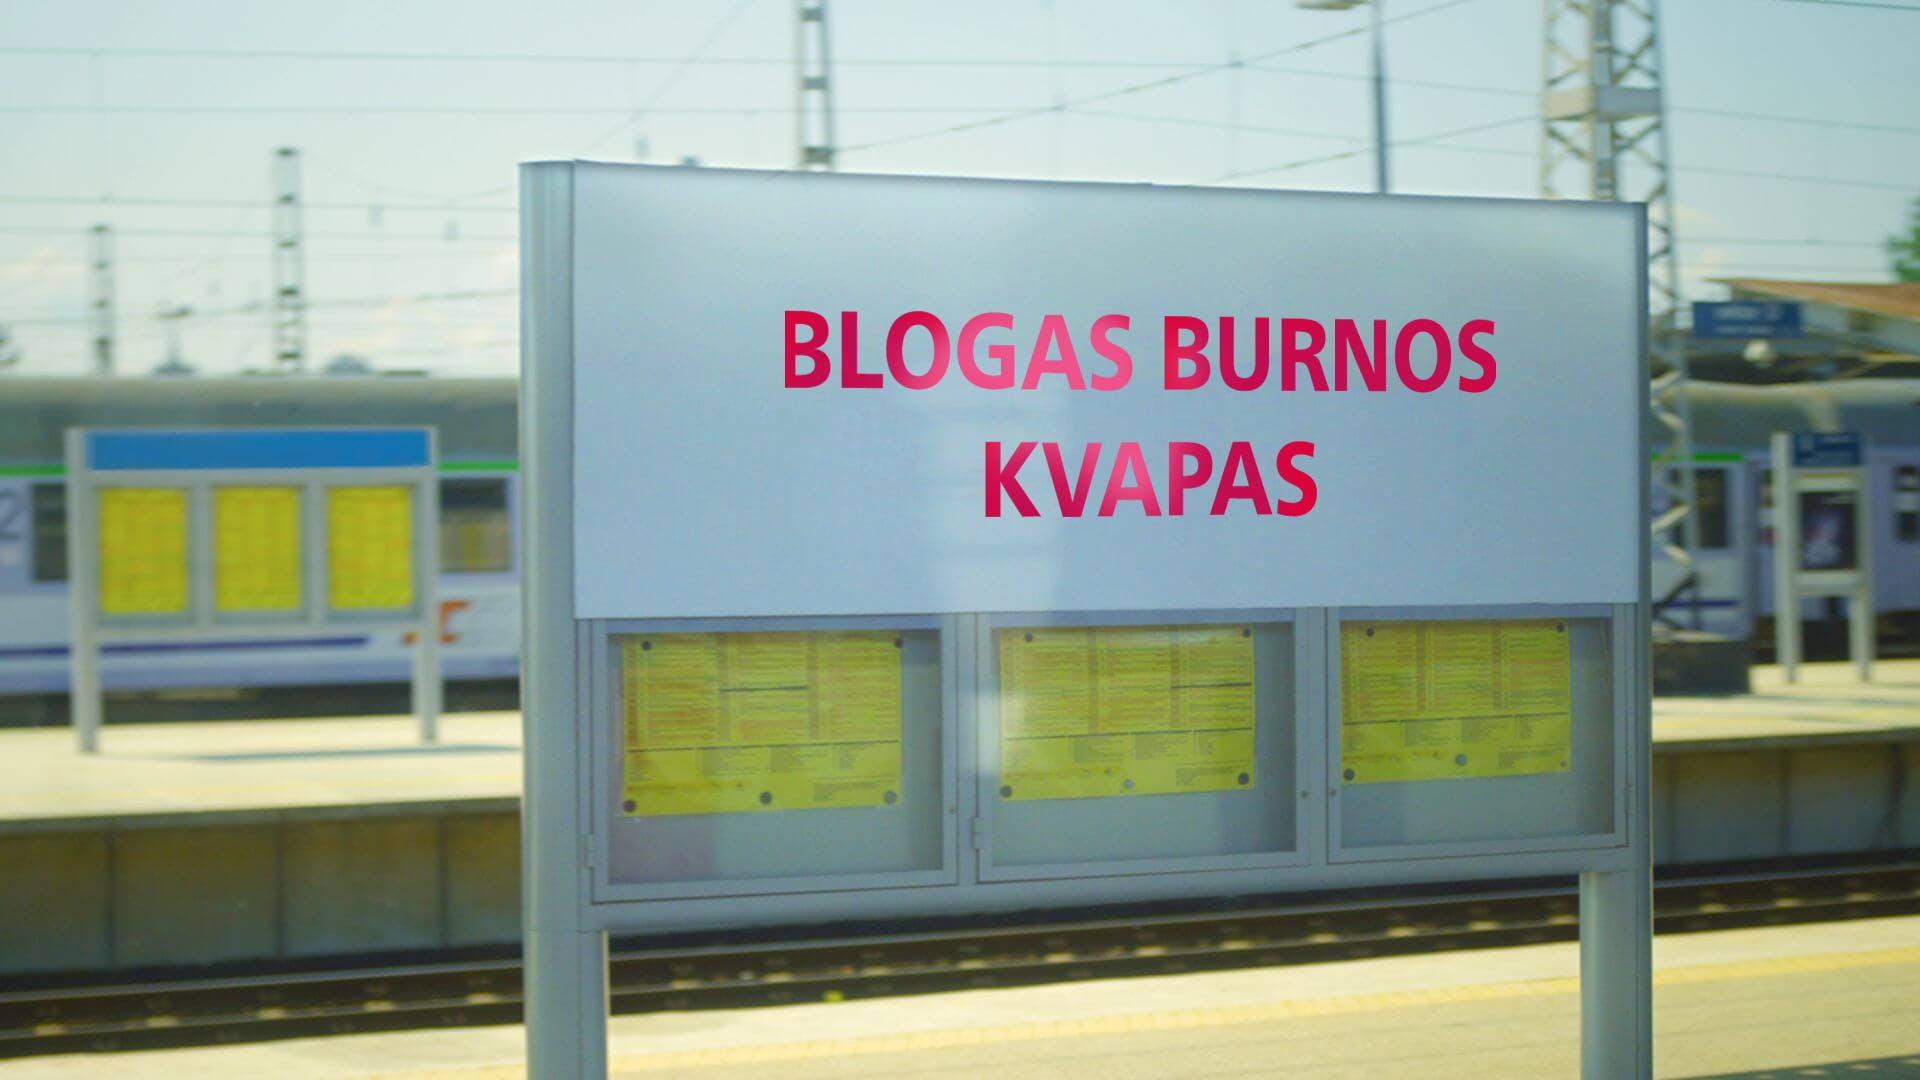 """Ženklas traukinių stotyje su užrašu """"Blogas burnos kvapas"""""""